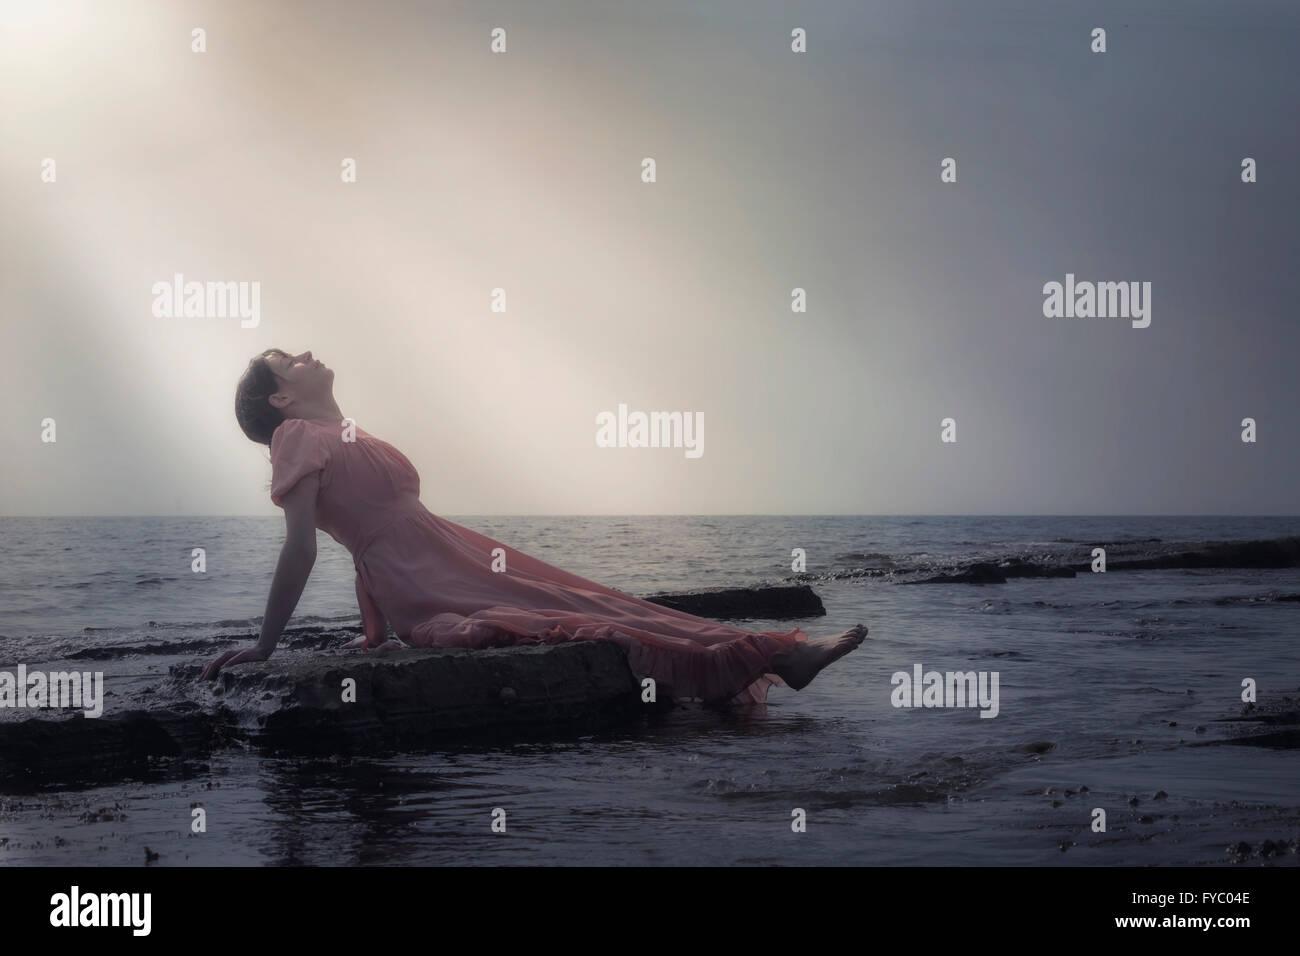 eine Frau in einem rosa Kleid ist auf den Steinen am Meer liegen. Stockbild